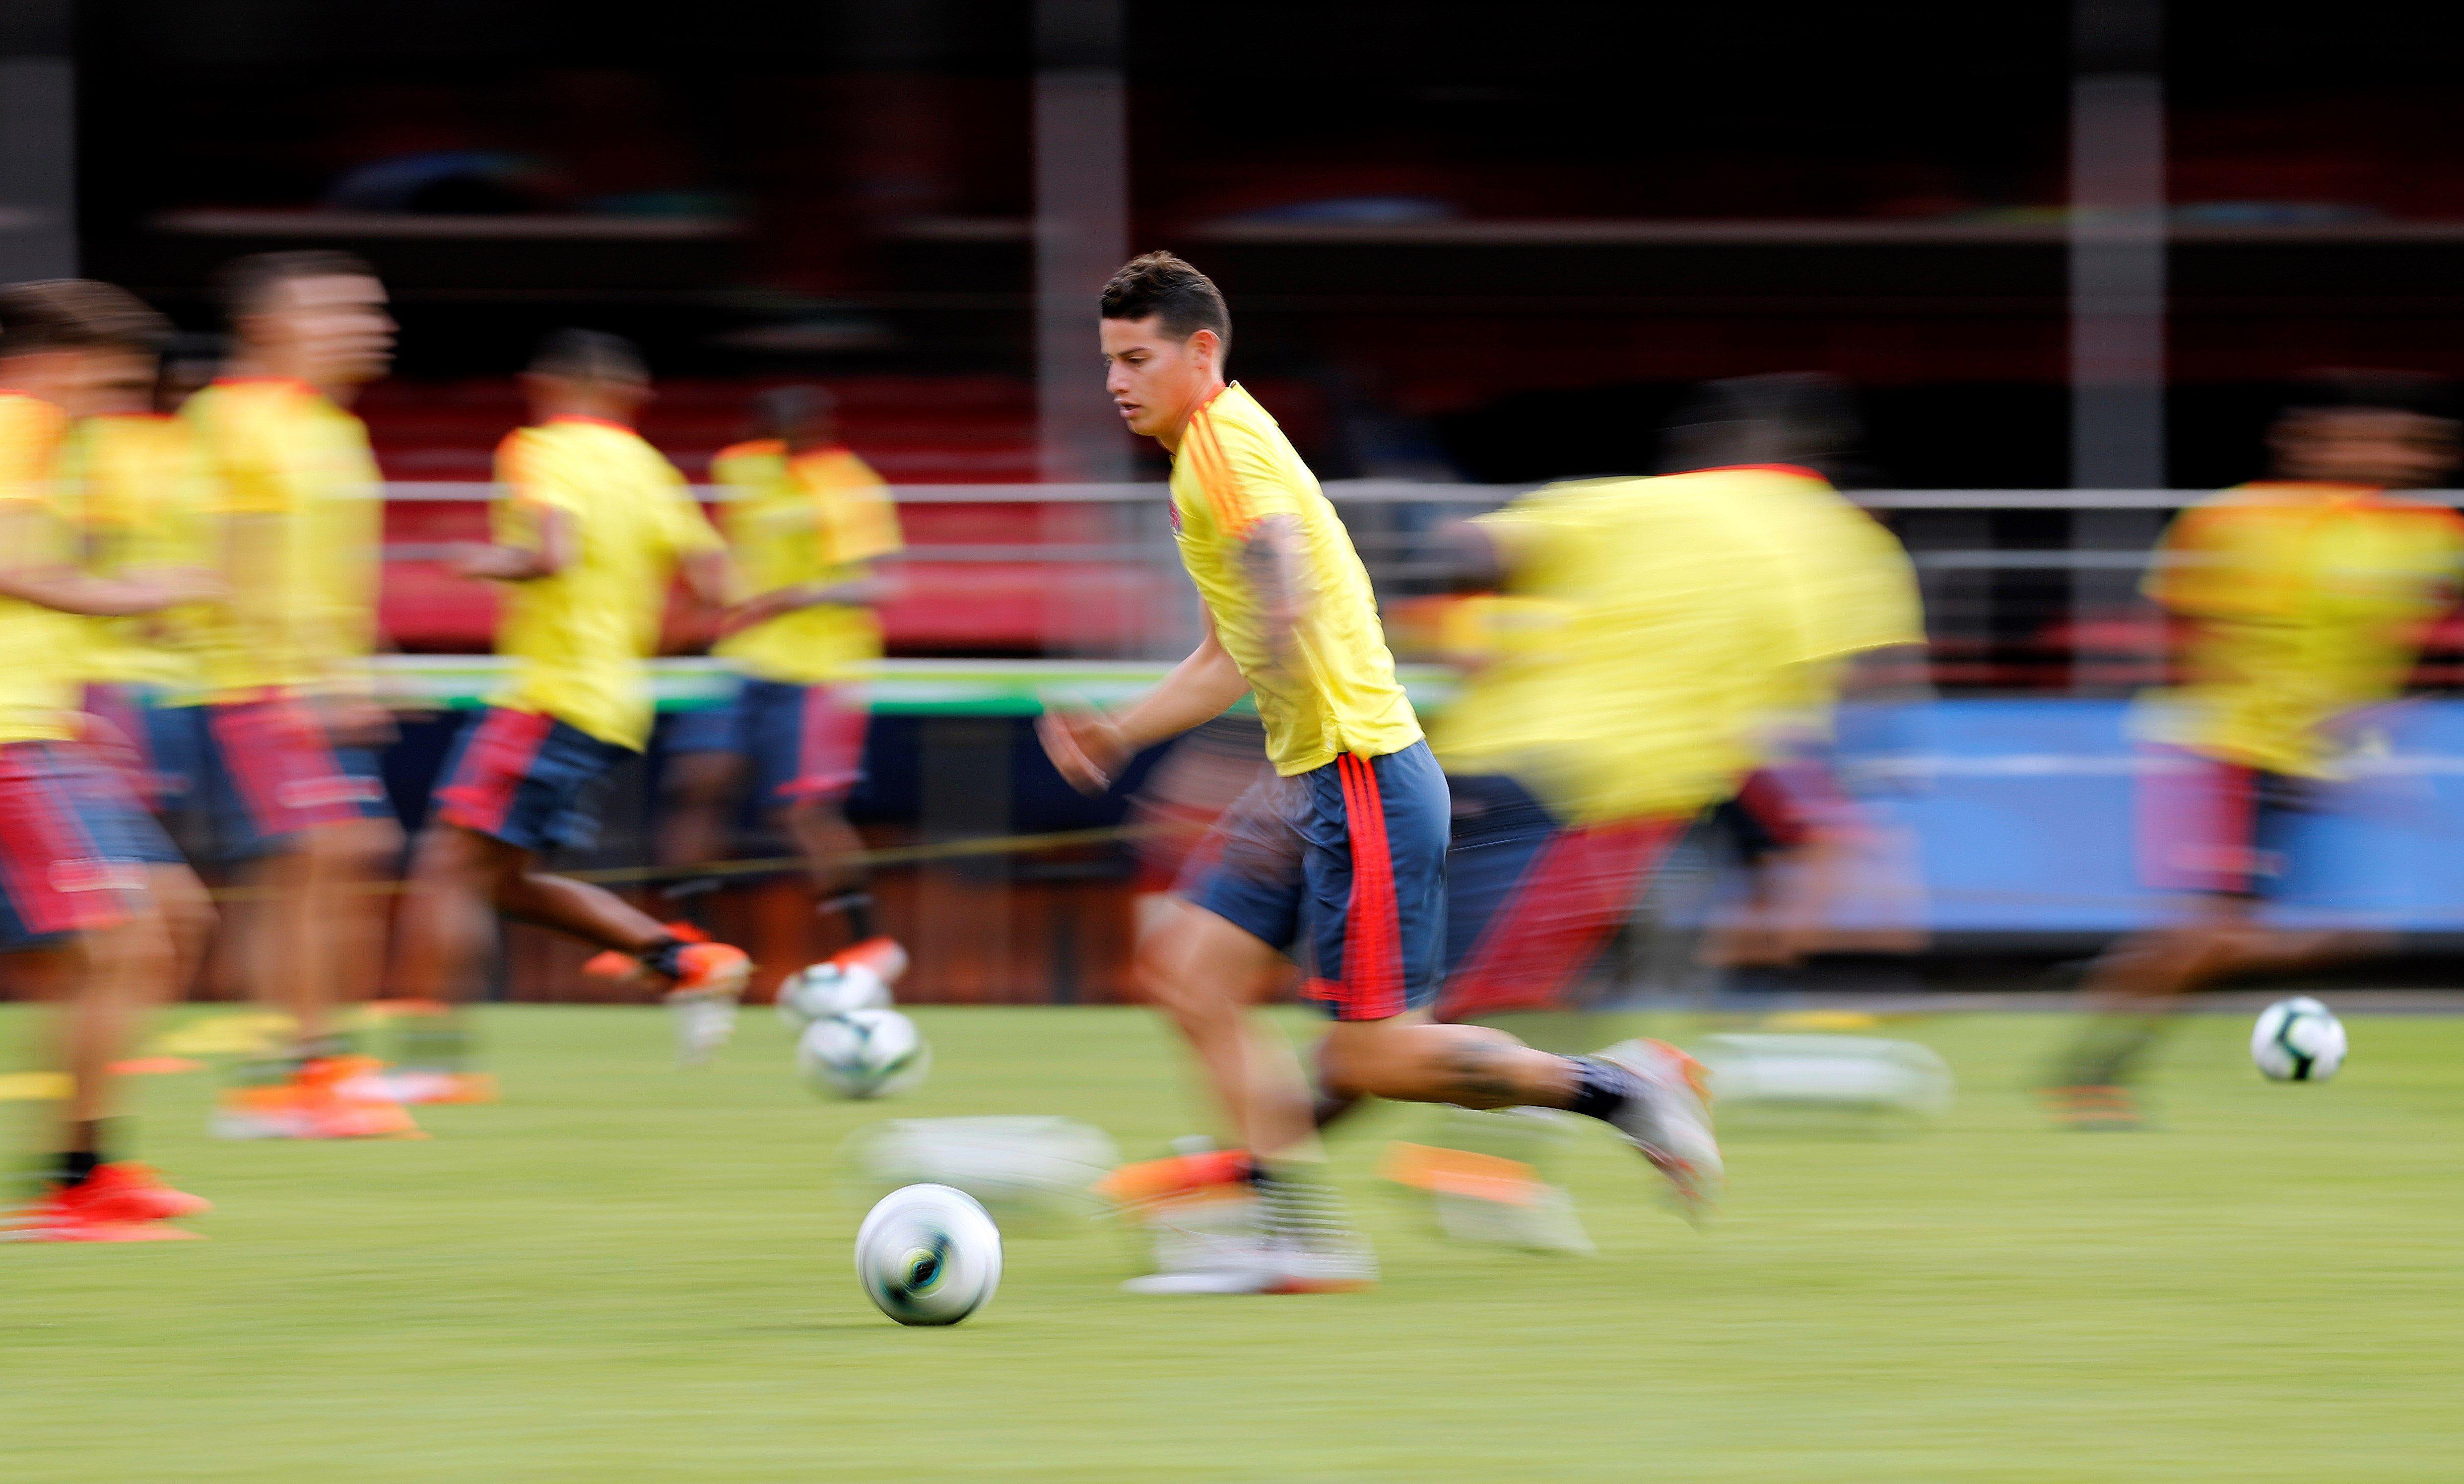 El jugador de la selección Colombia James Rodríguez. EFE/ Paulo Whitaker/Archivo